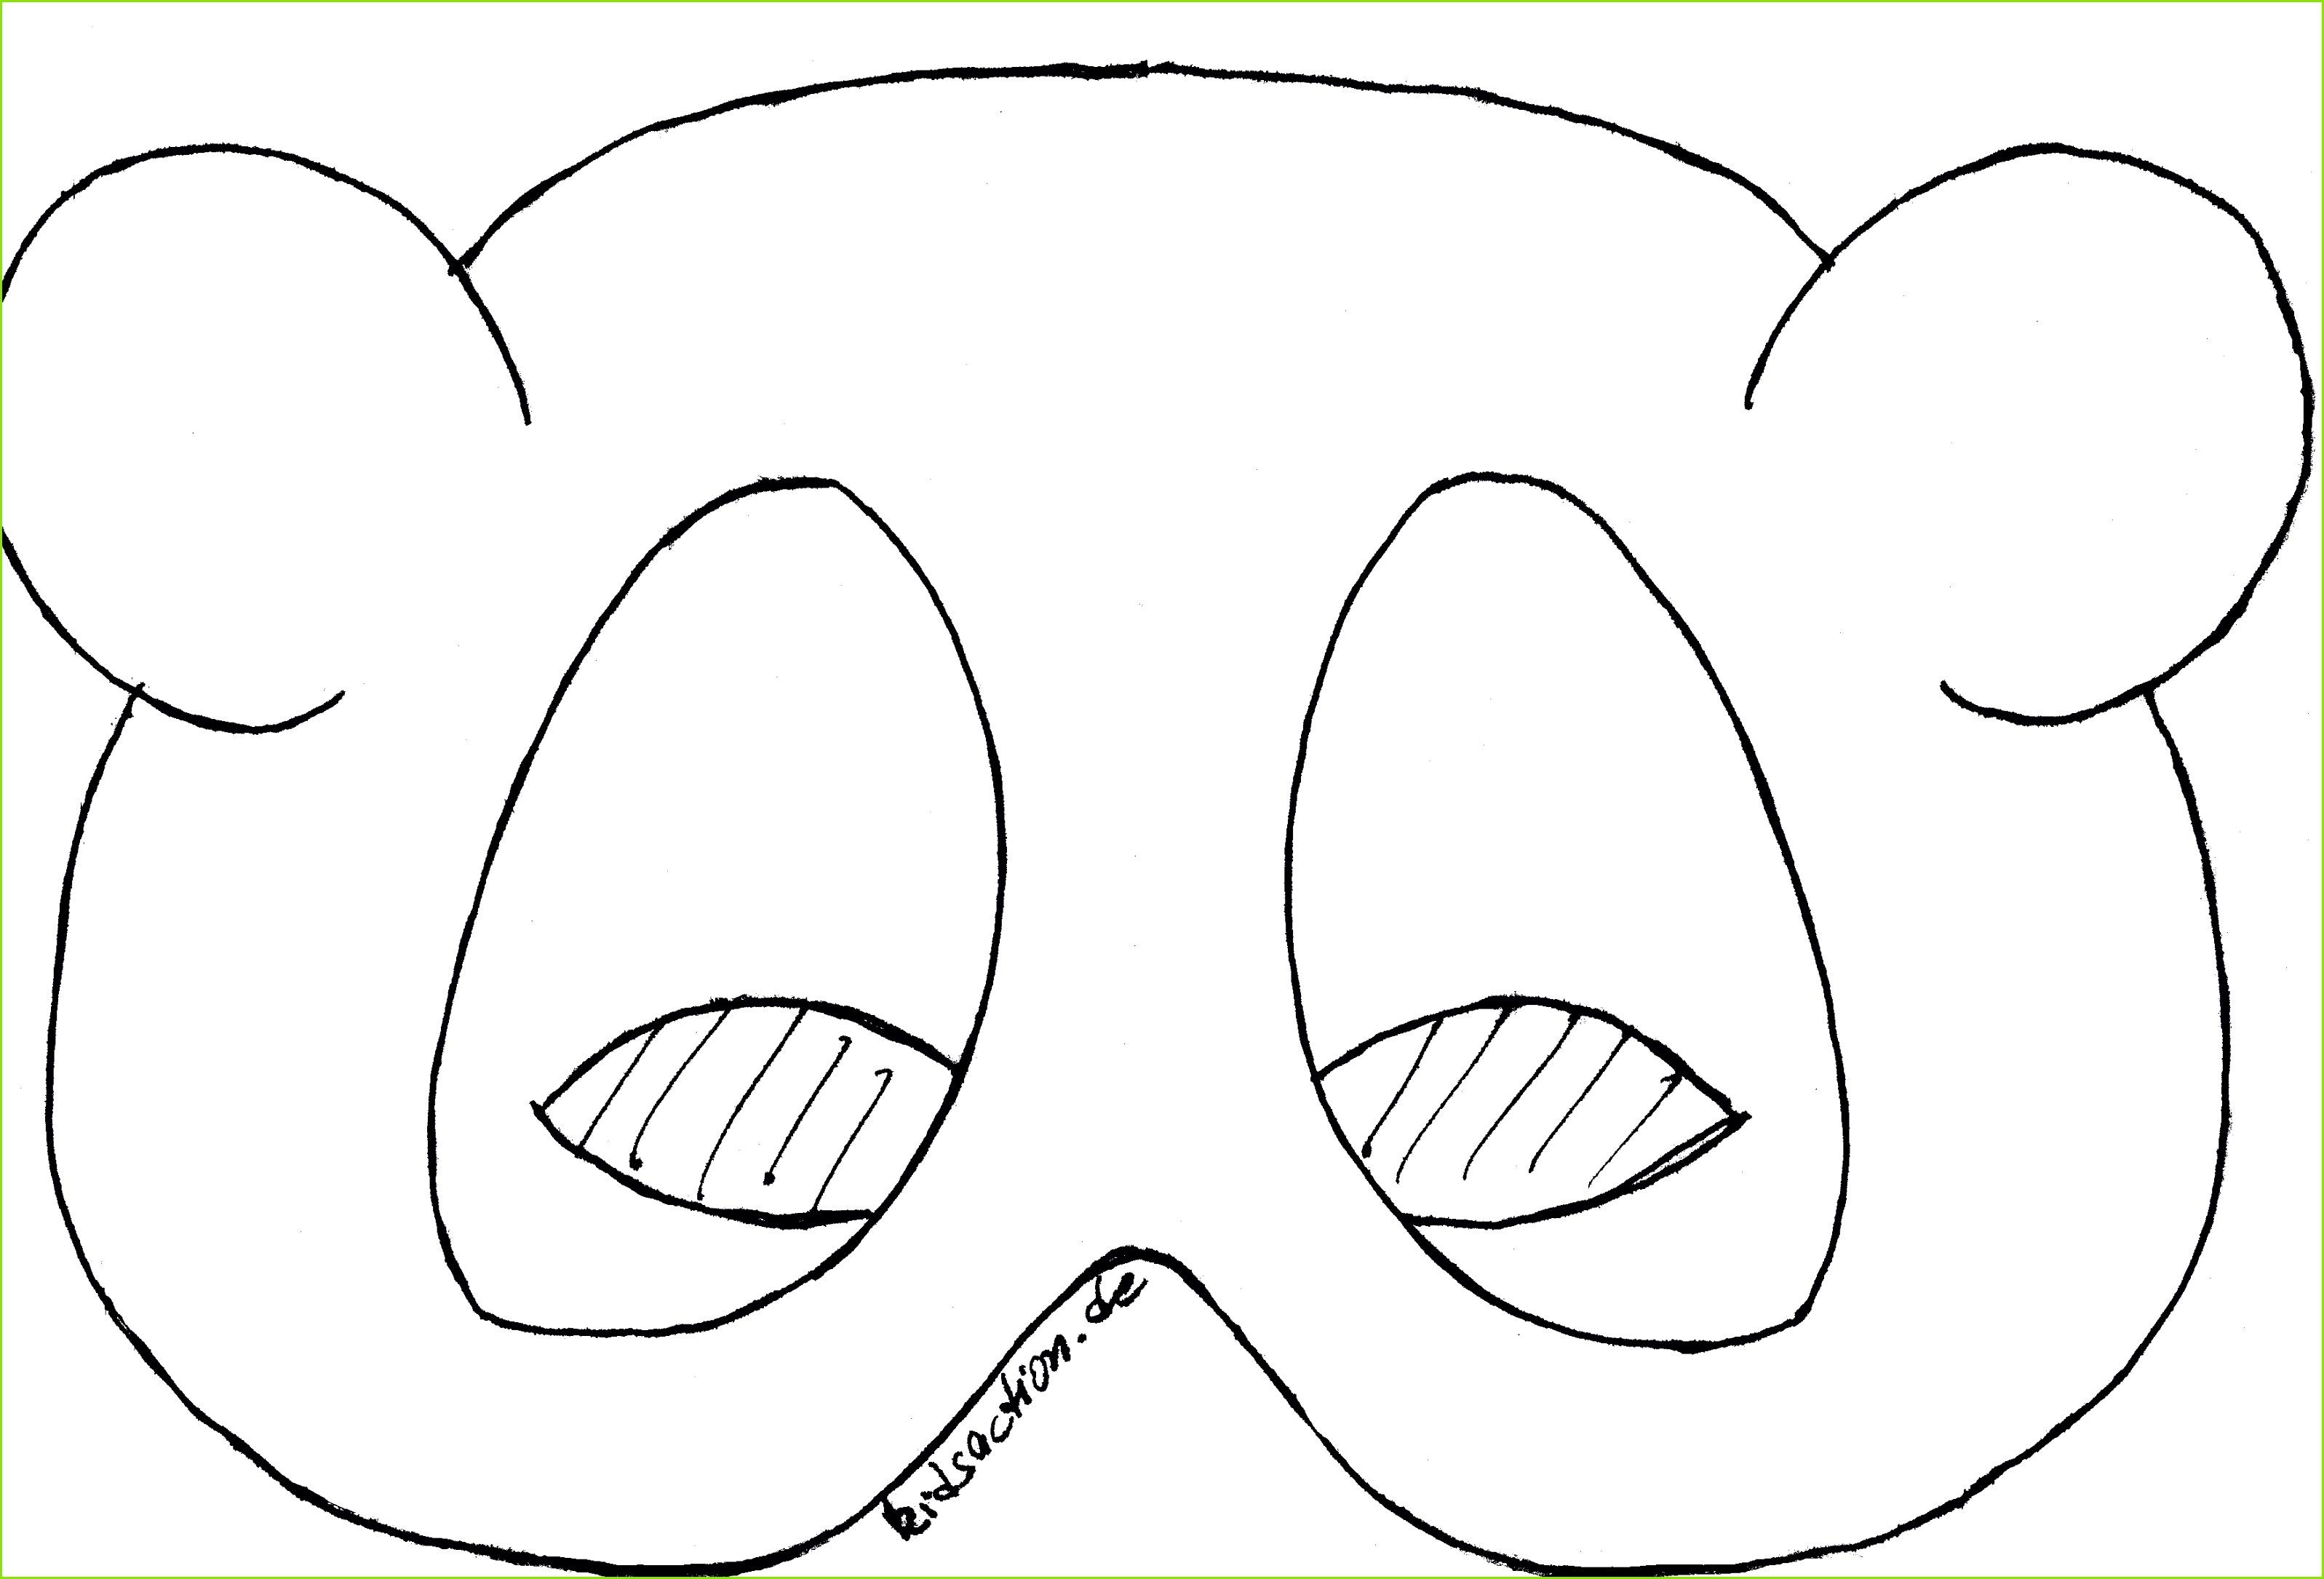 Bastelndsaction Basteln Masken innen Tiermasken Basteln